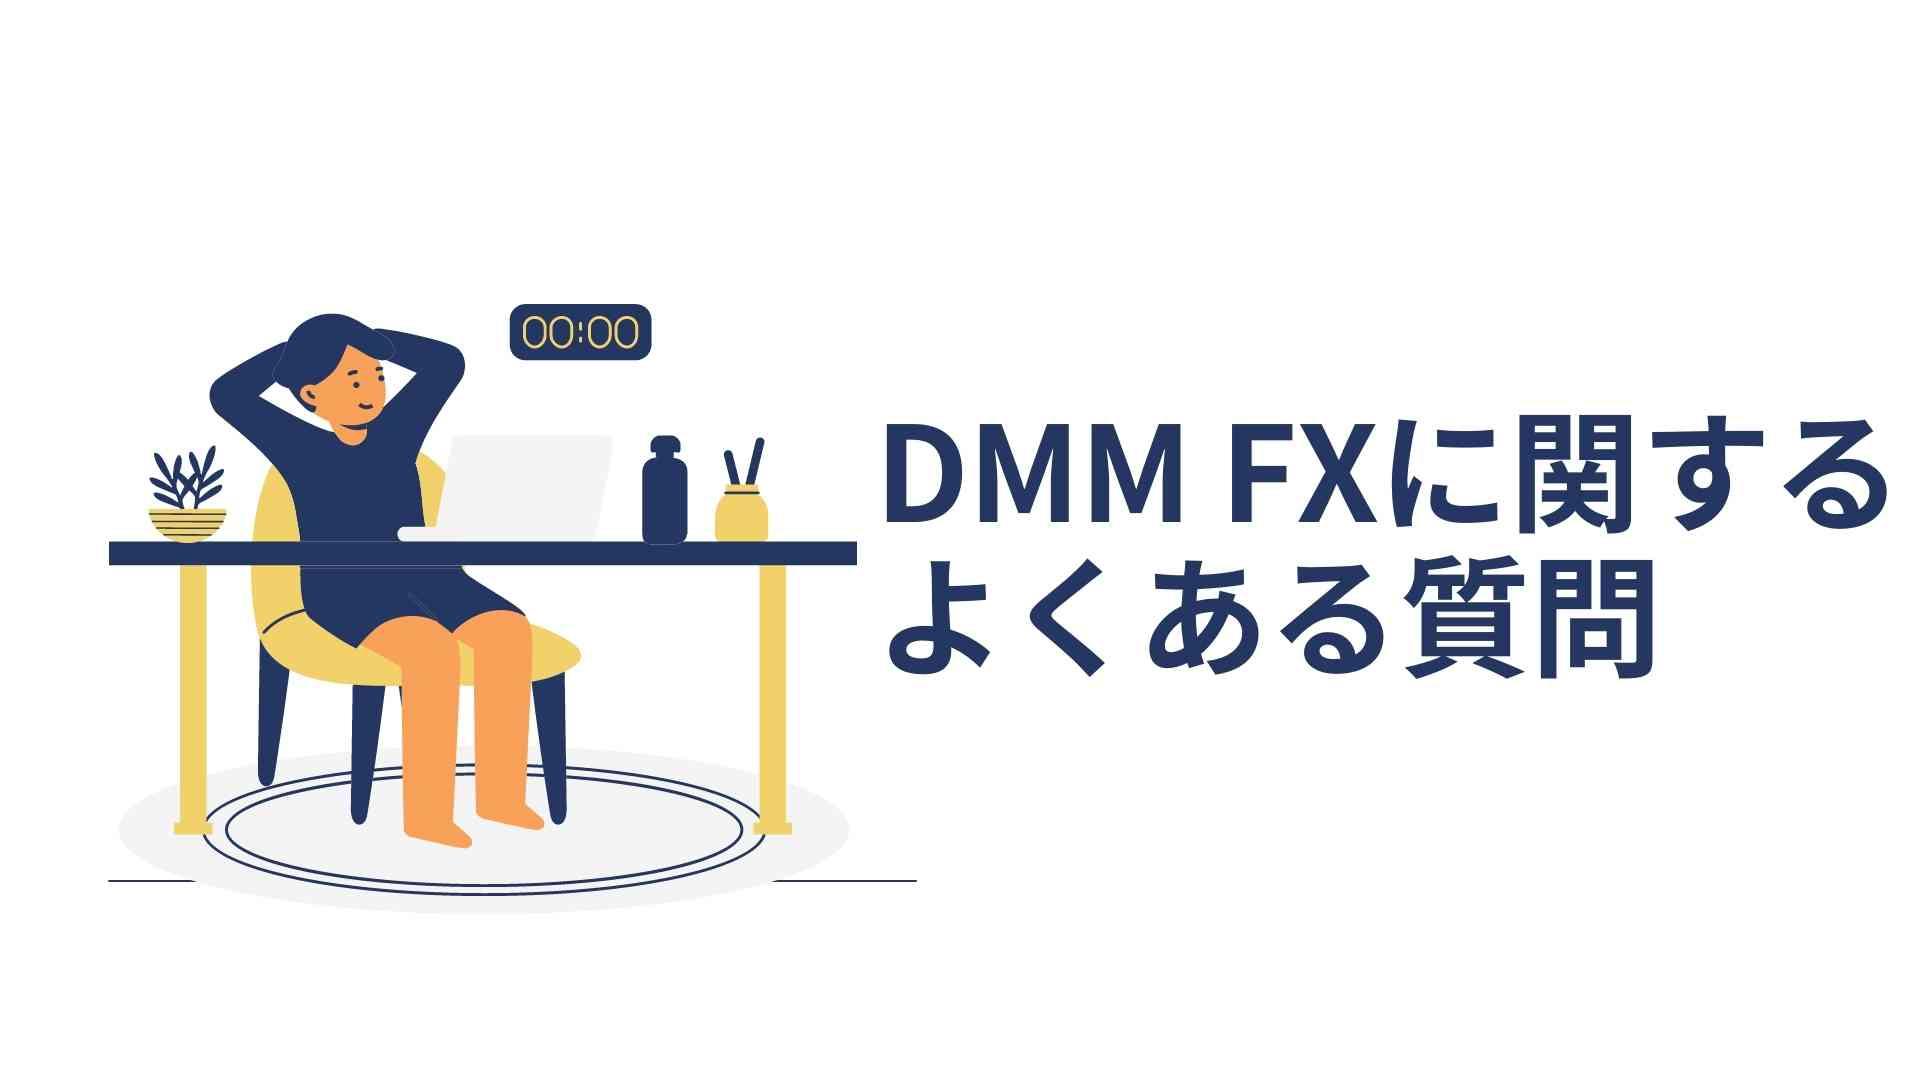 DMM FXに関するよくある質問